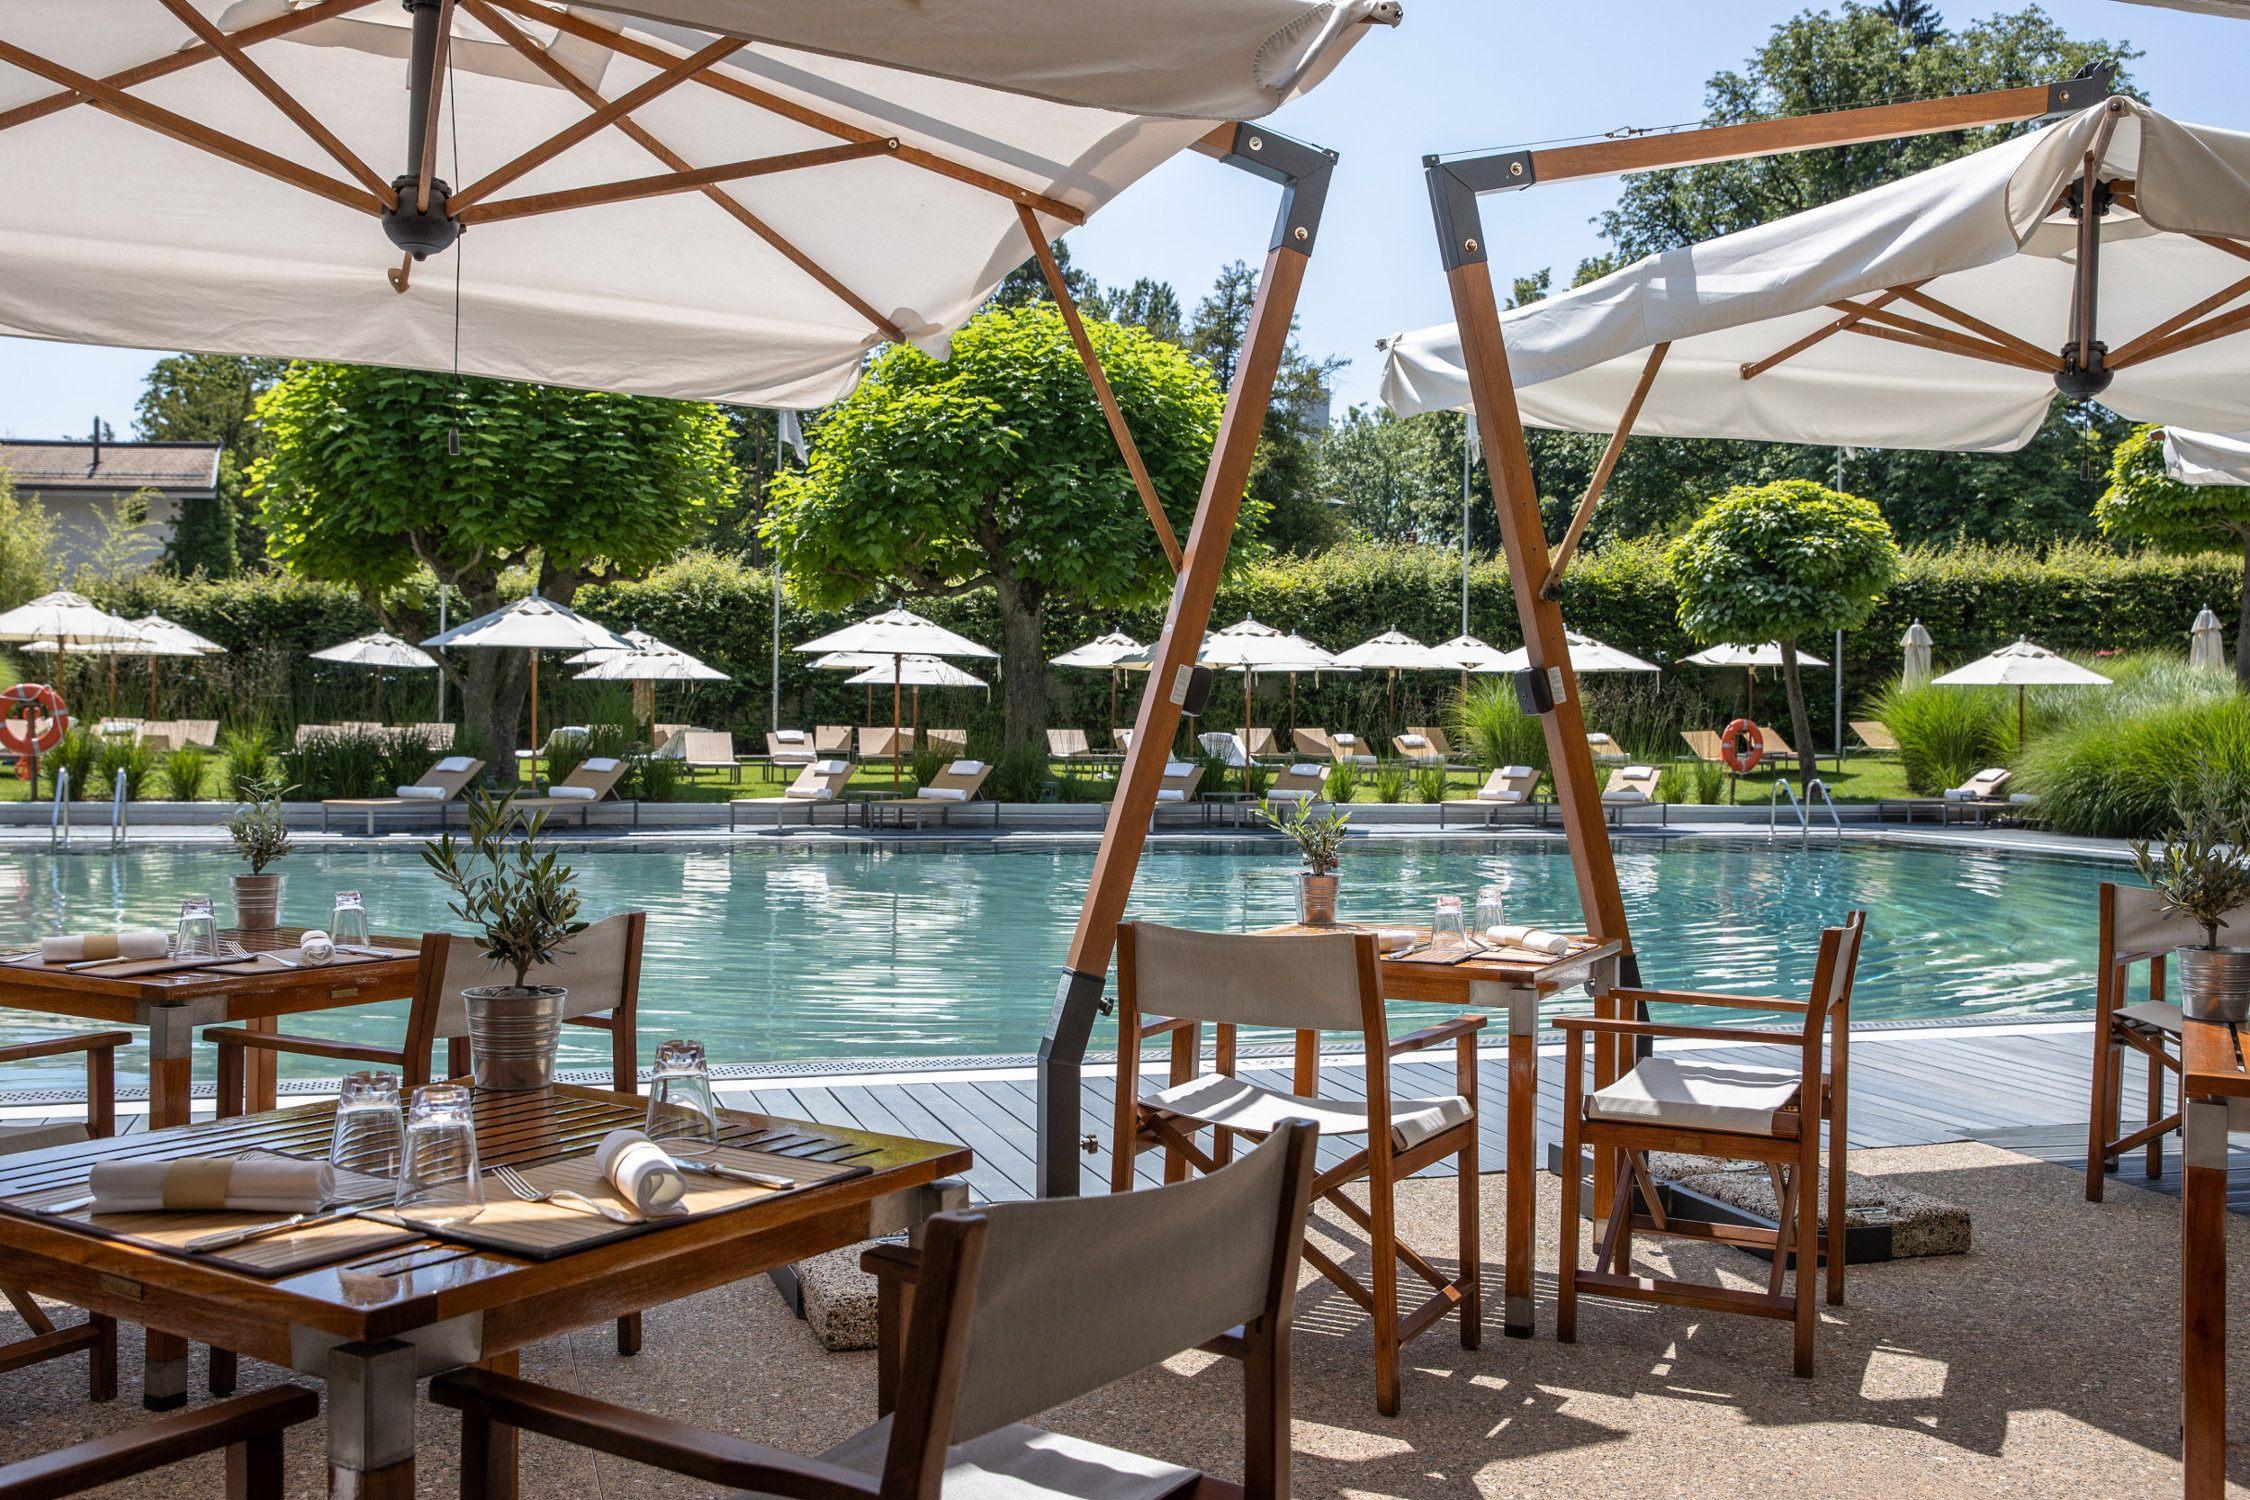 InterContinental-Geneva-Hotel-Poolside-restaurant-2